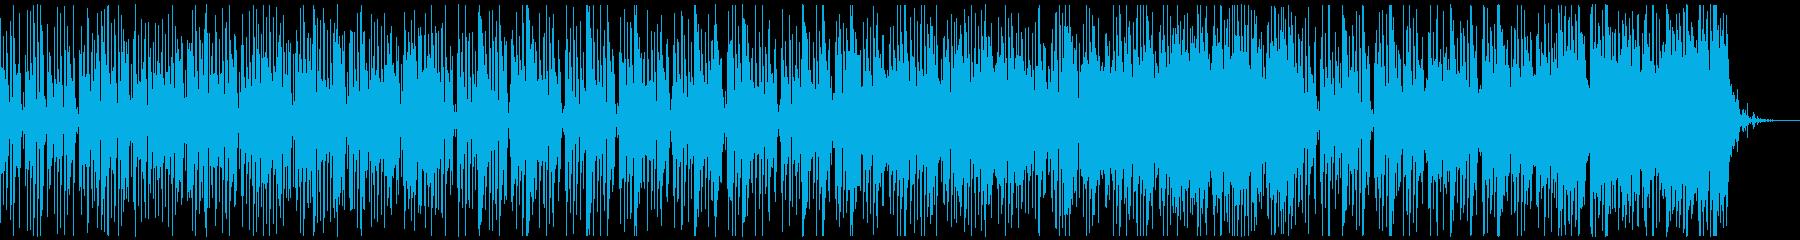 楽しく、コミカルなBGM (ドラム無し)の再生済みの波形